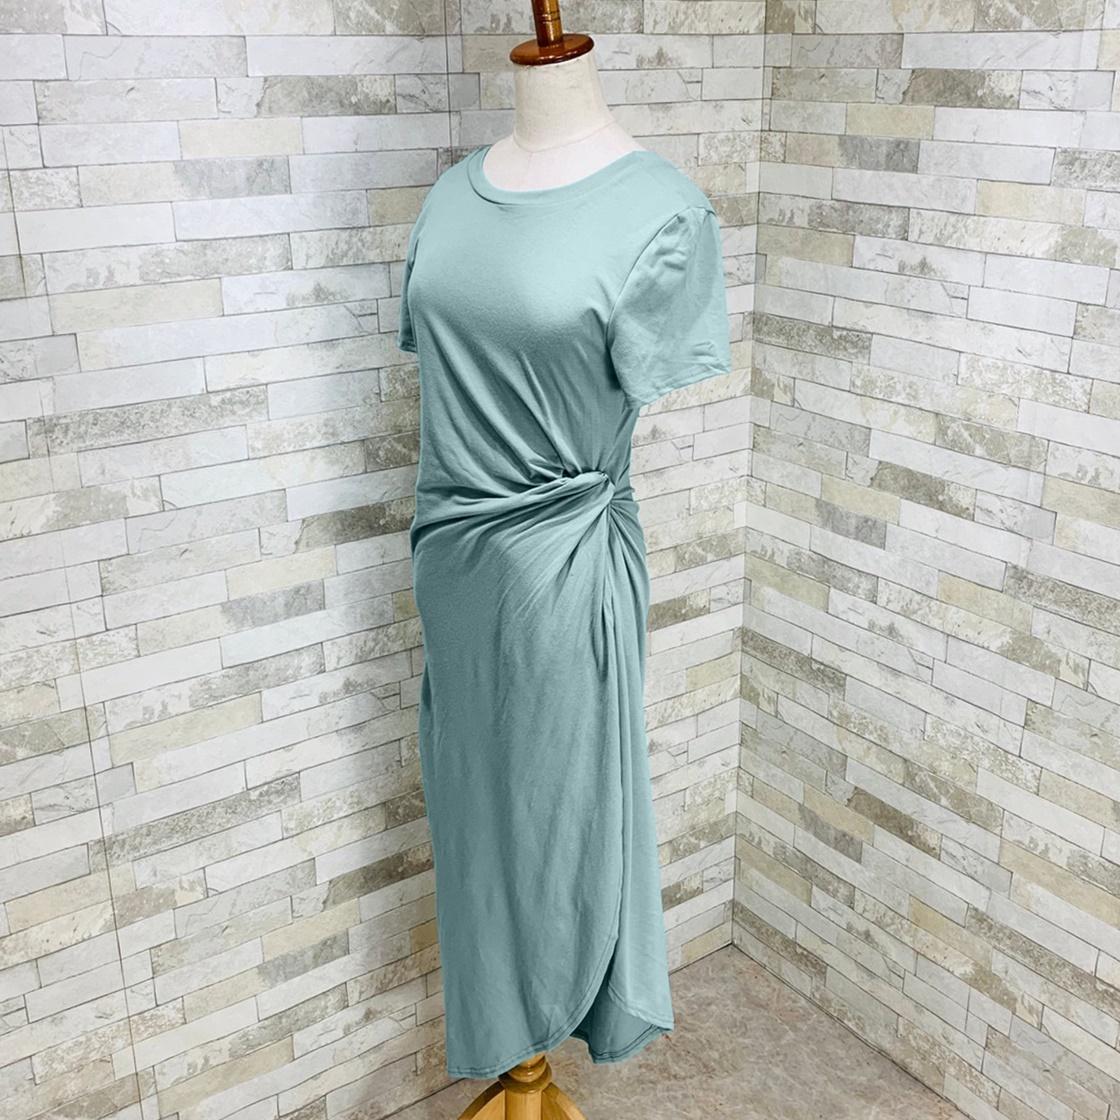 韓国 ファッション ワンピース 夏 春 カジュアル PTXI188  アシンメトリー ツイスト ドレープ スリット オルチャン シンプル 定番 セレカジの写真10枚目